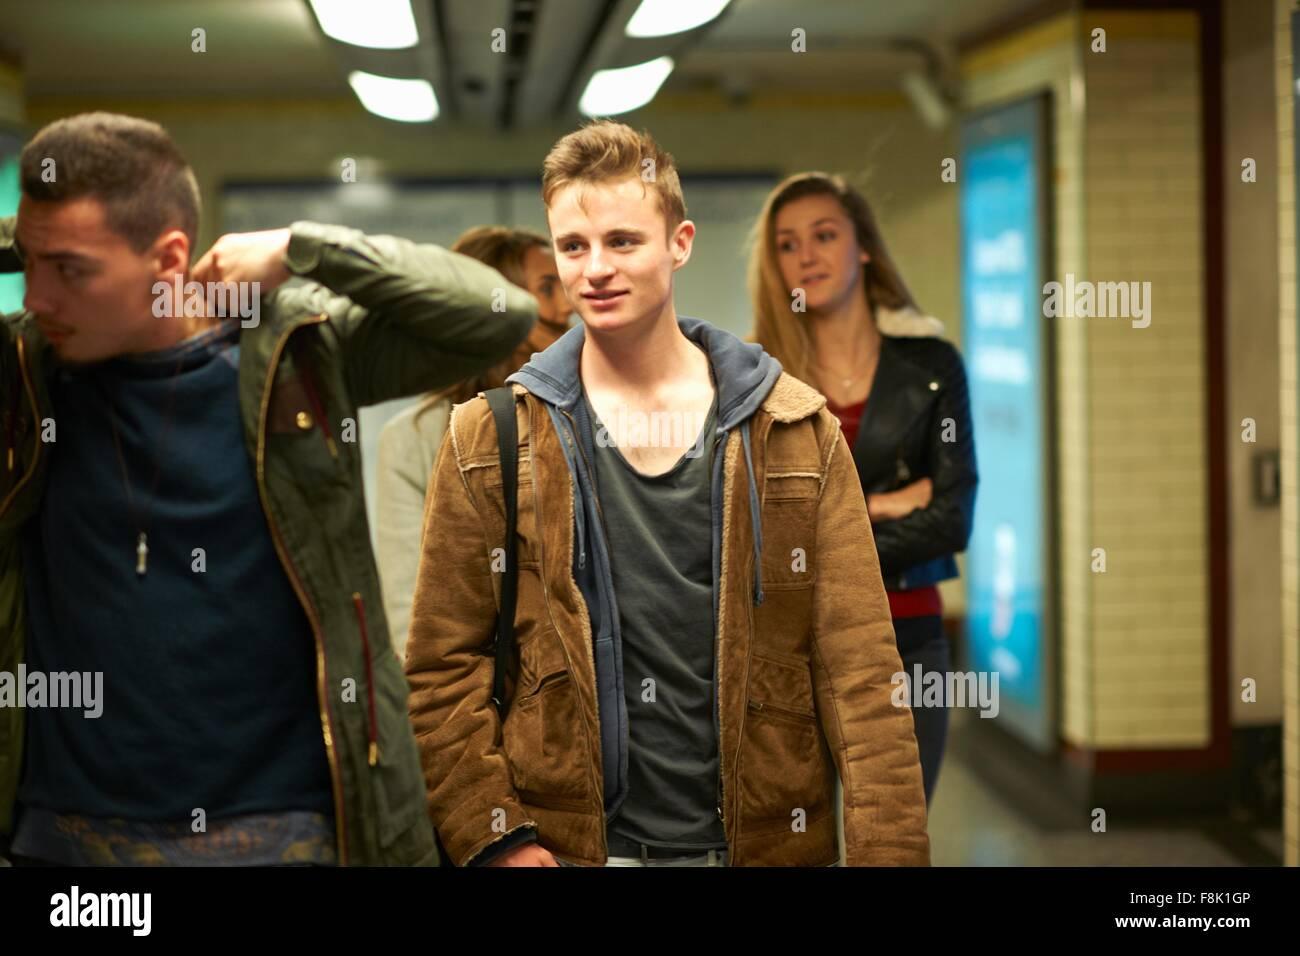 Vier junge Erwachsene Freunde Spaziergang durch London u-Bahnhaltestelle, London, UK Stockfoto